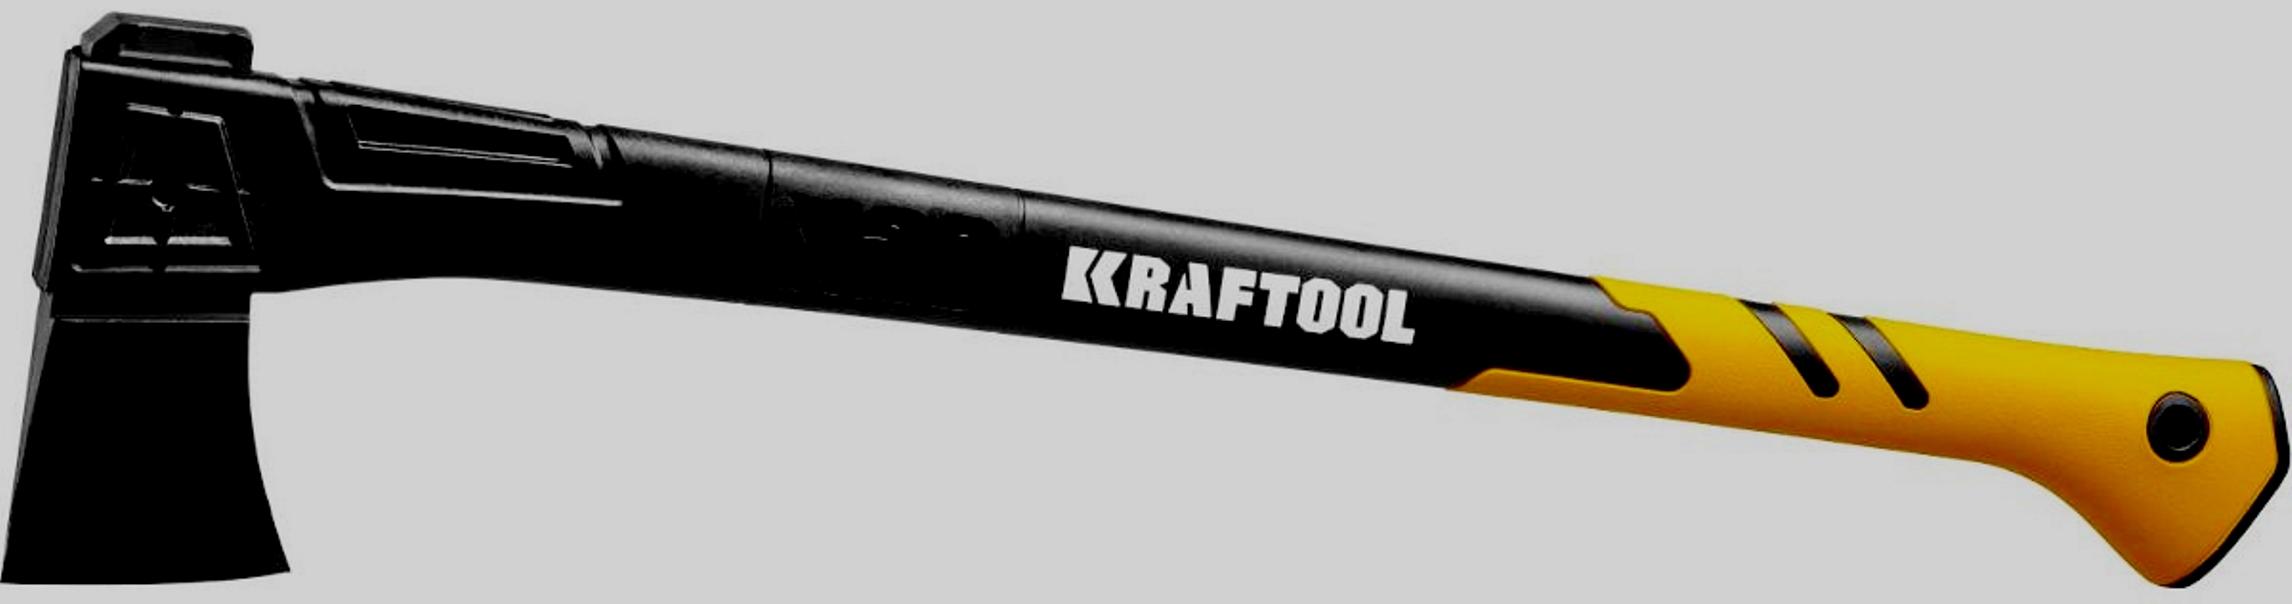 Kraftool 20660-20